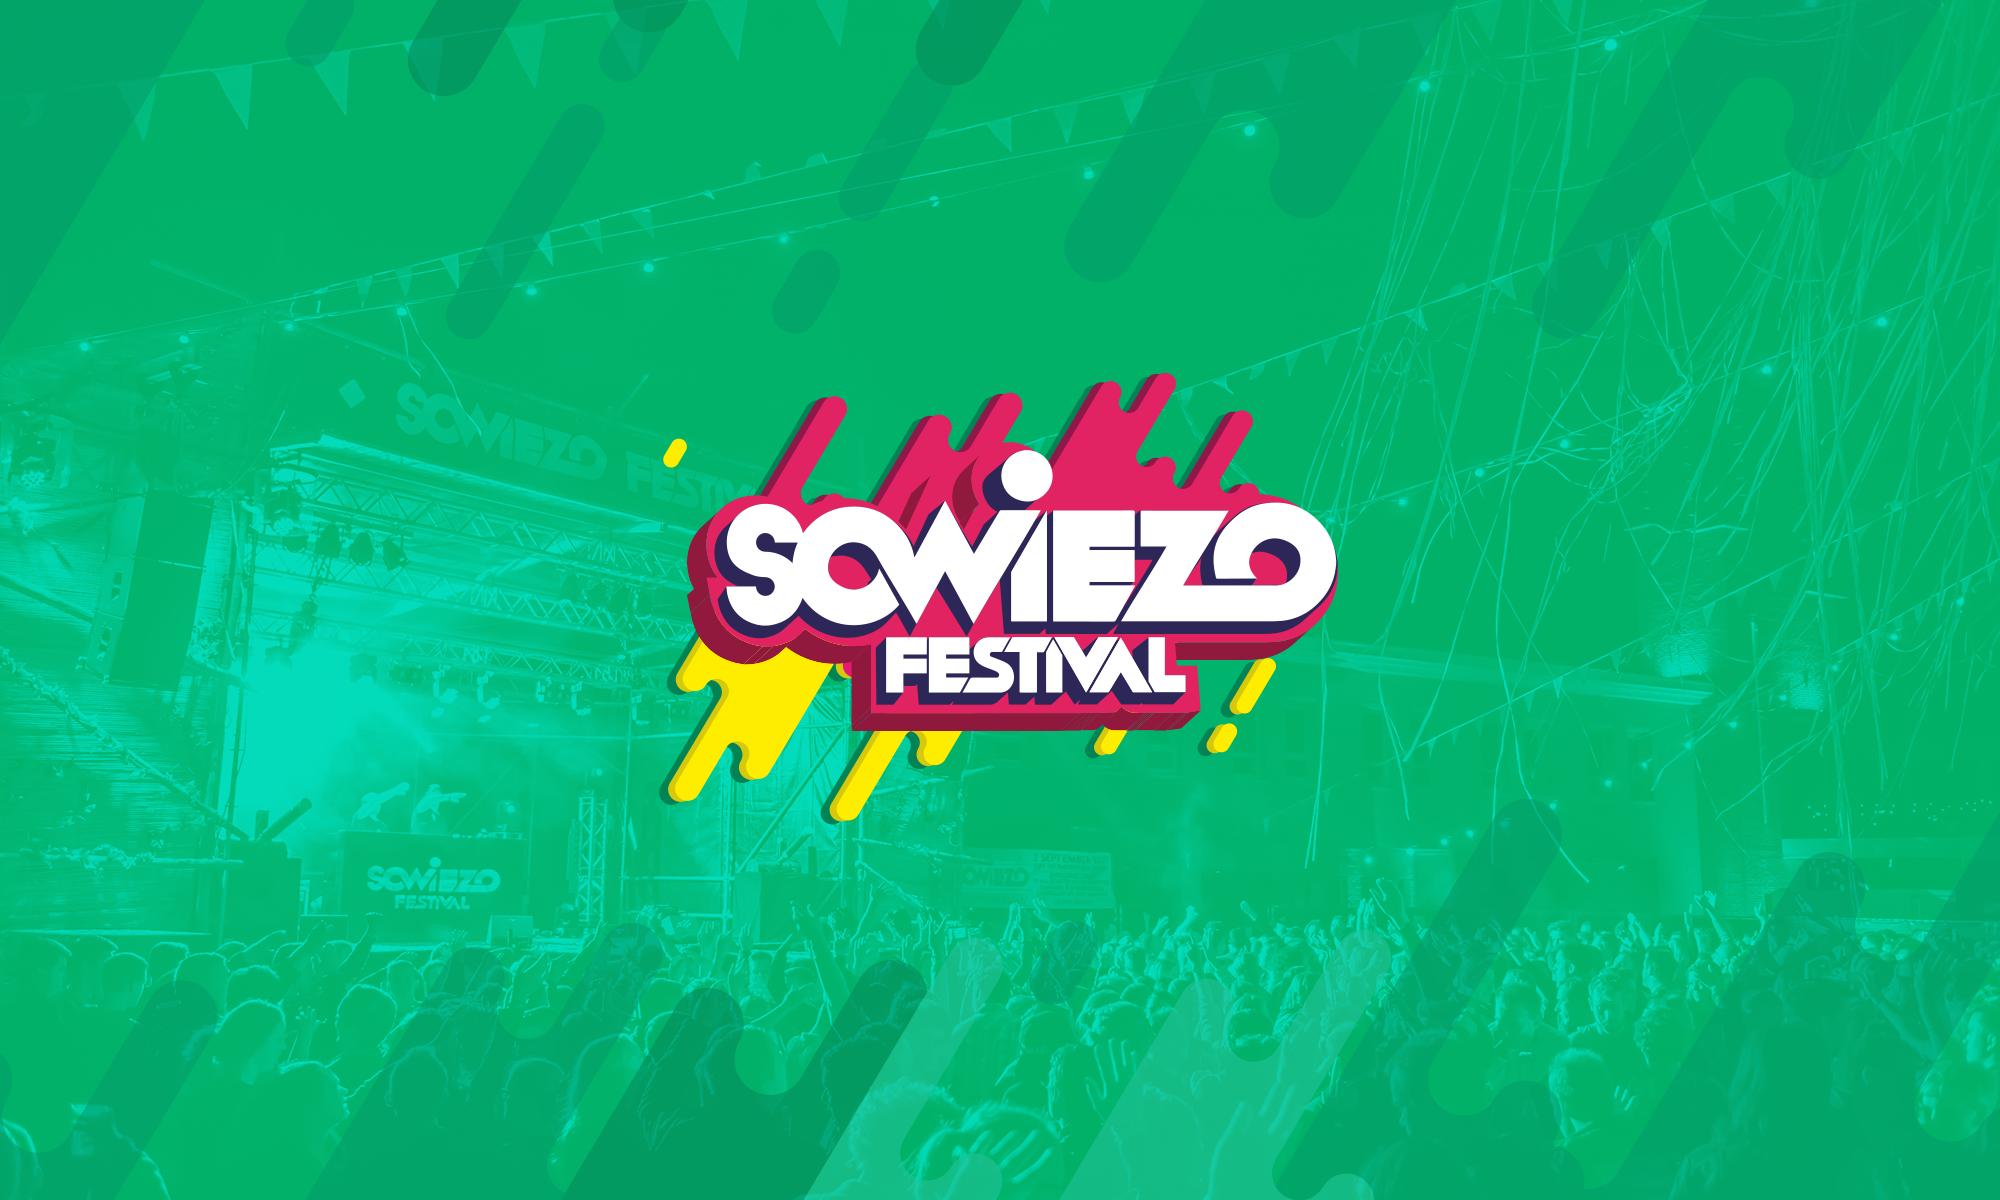 Sowiezo Festival